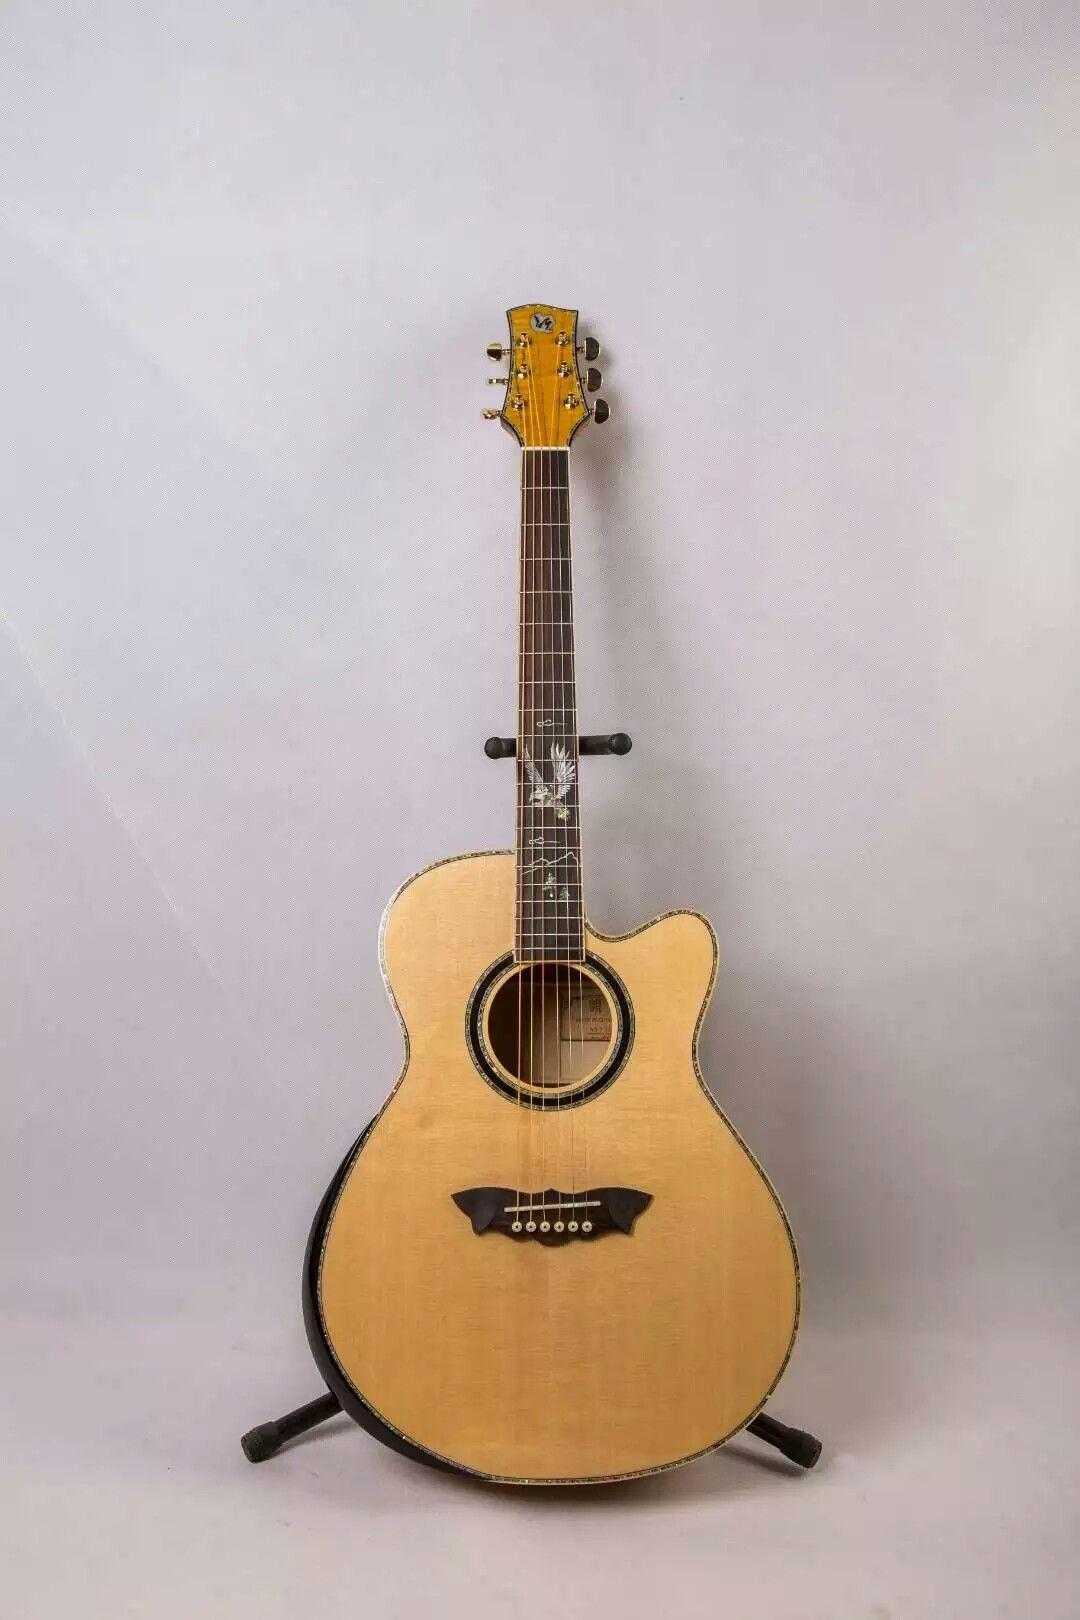 La chitarra fatta a mano di Rhyme 2 o più, pannello ovest tical cloud indumento senza fodera superiore in legno di rosa. Progettazione di etichette OEM società.